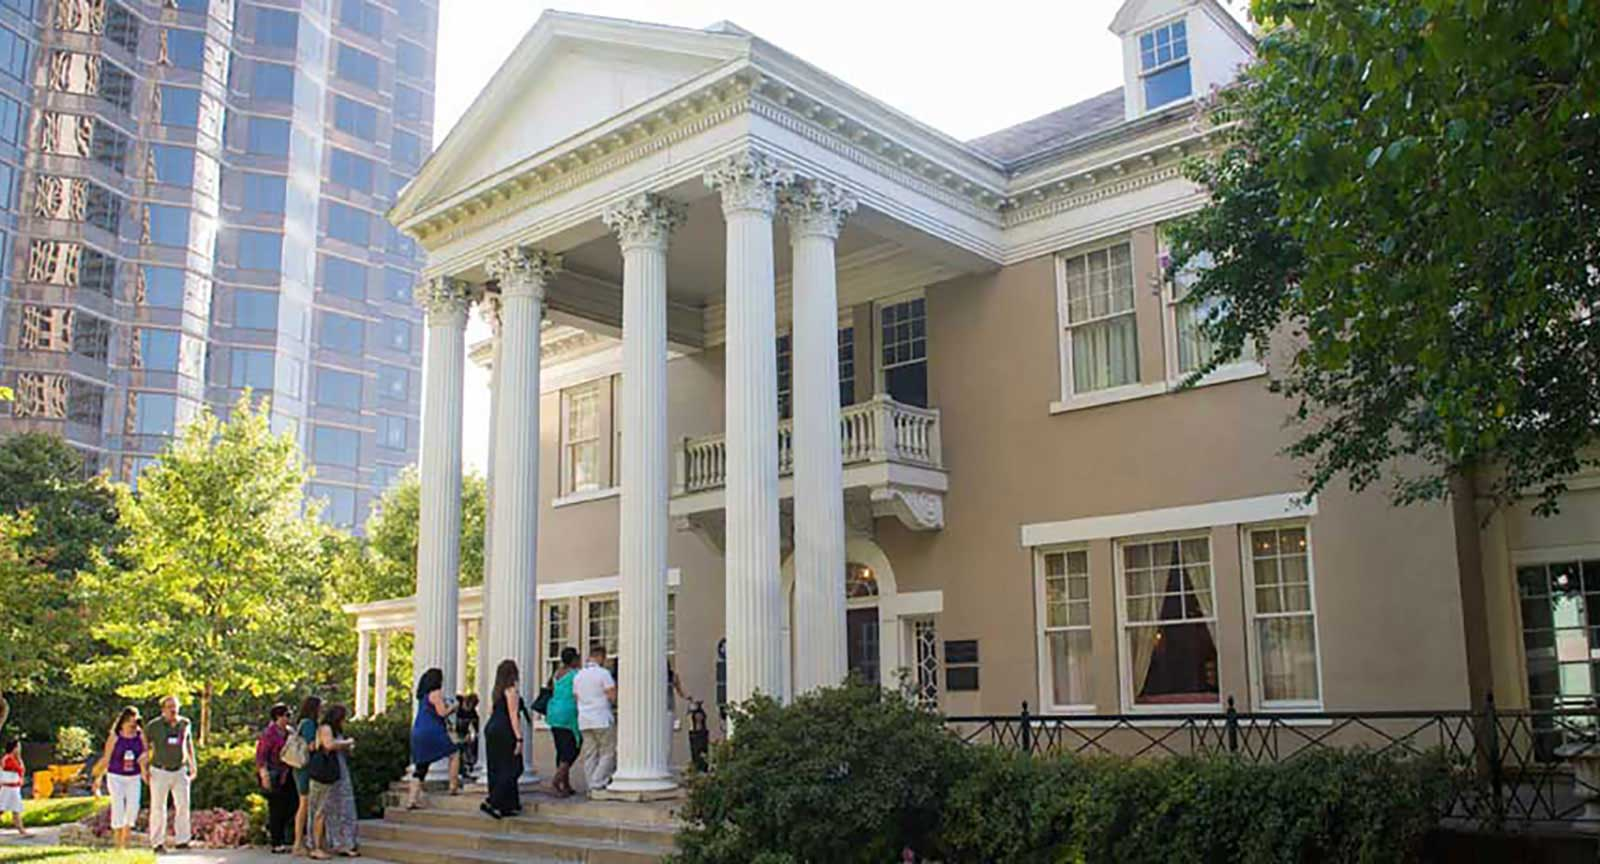 Dallas Arts District Belo Mansion